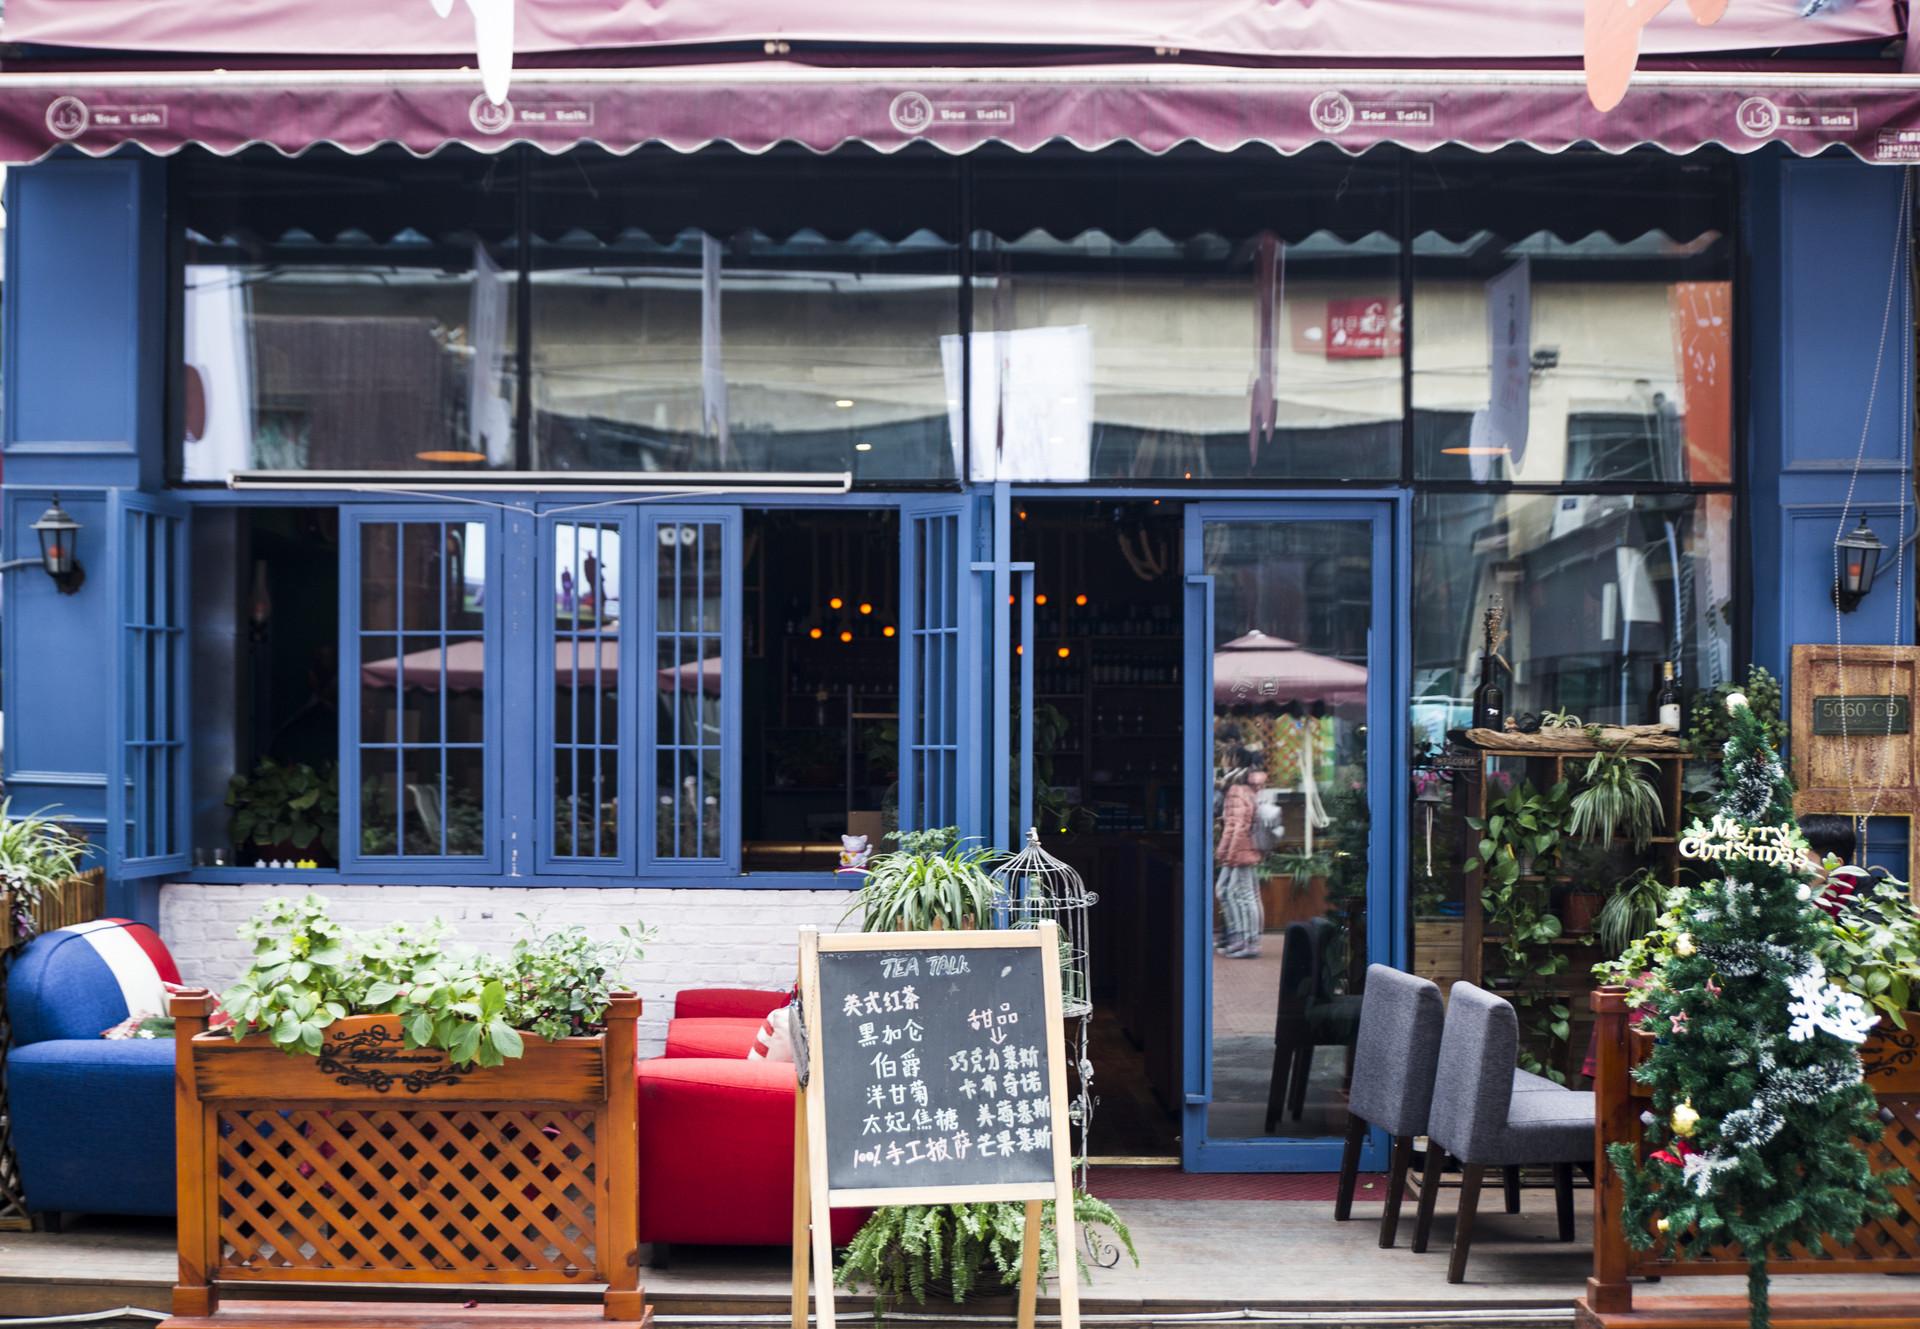 旅游小镇休闲商业街区规划要点。